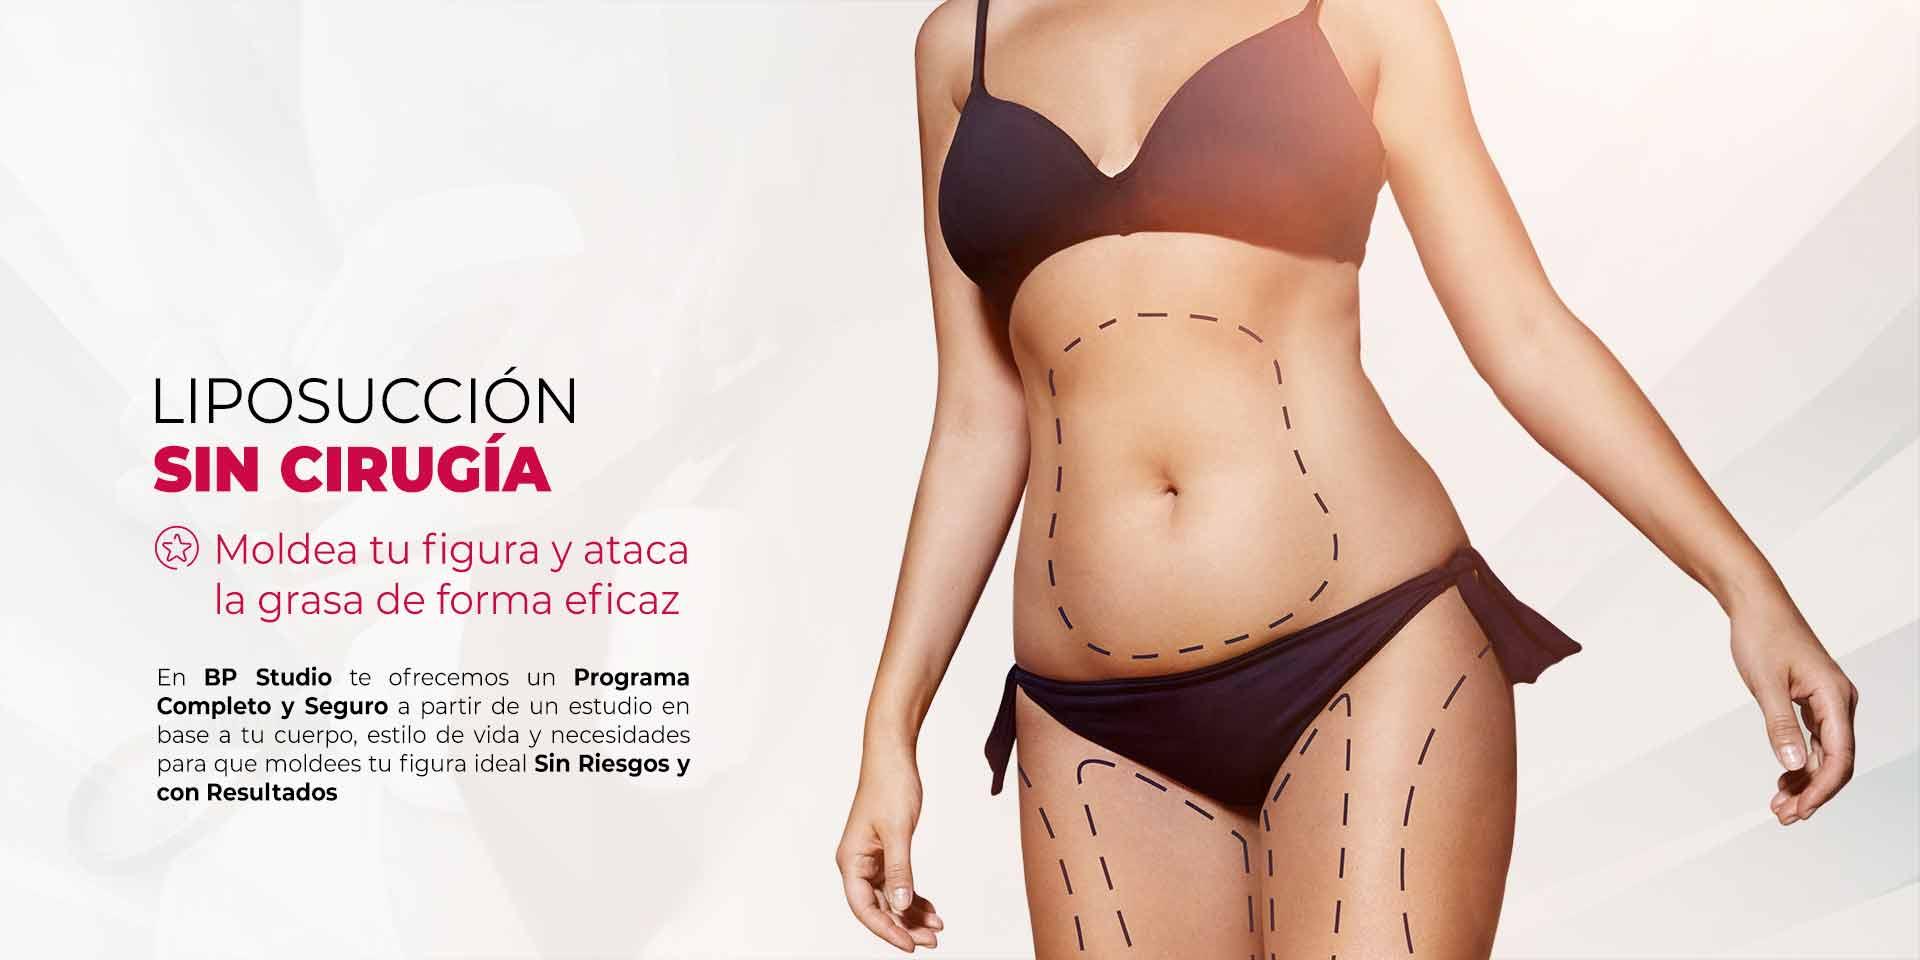 Liposucción sin cirugía en CDMX